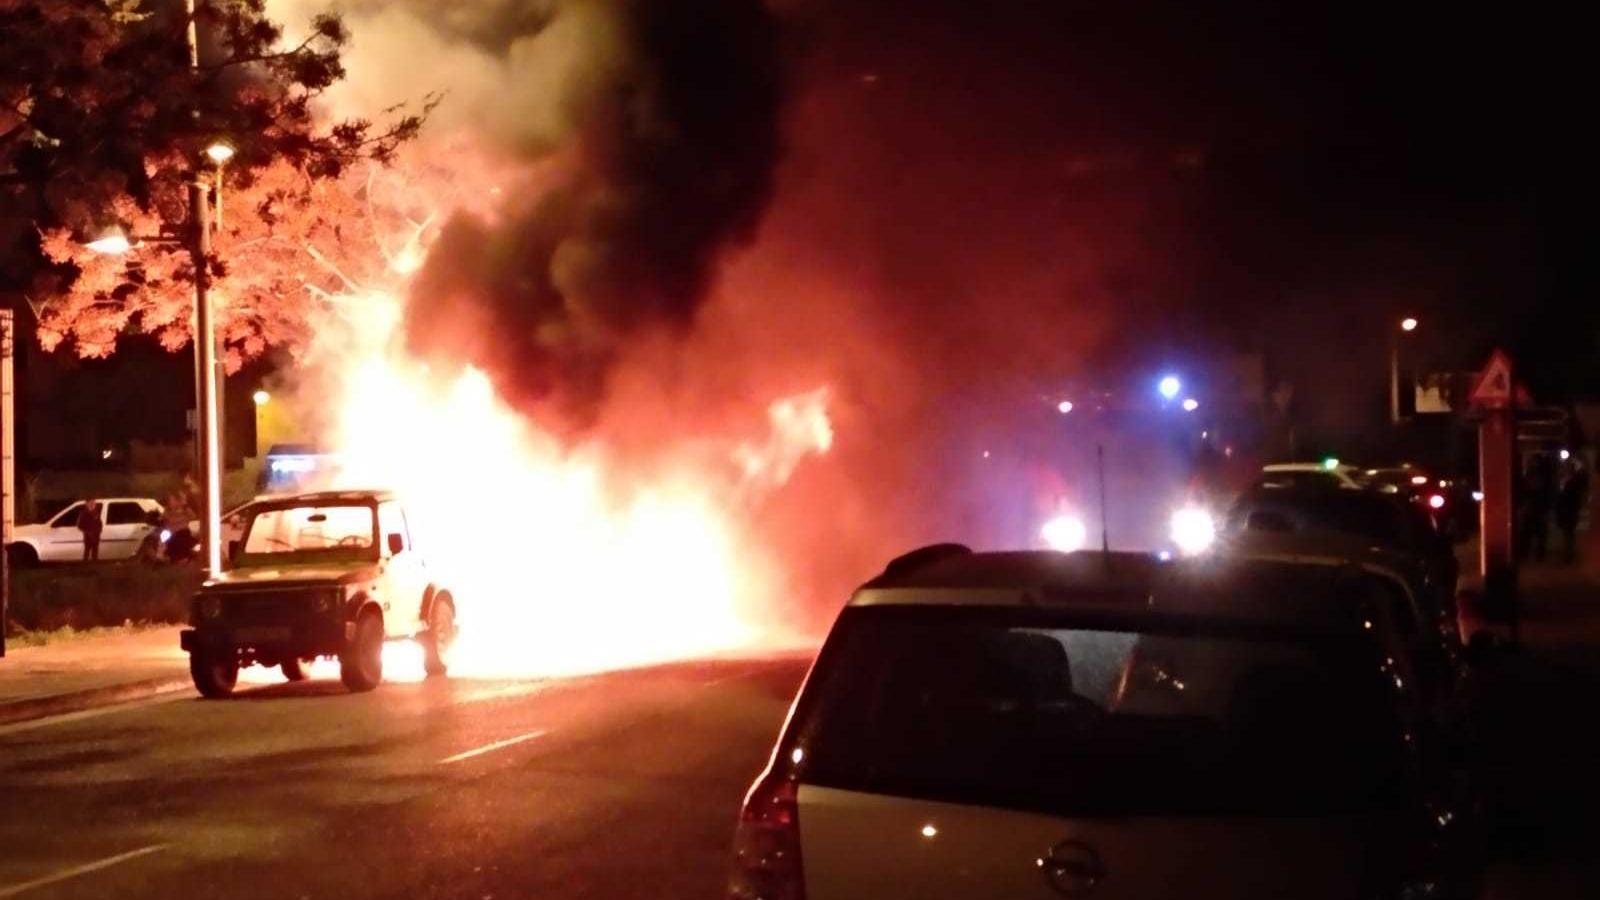 Els cinc detinguts pels incendis als contenidors de Palma actuaven de manera aïllada